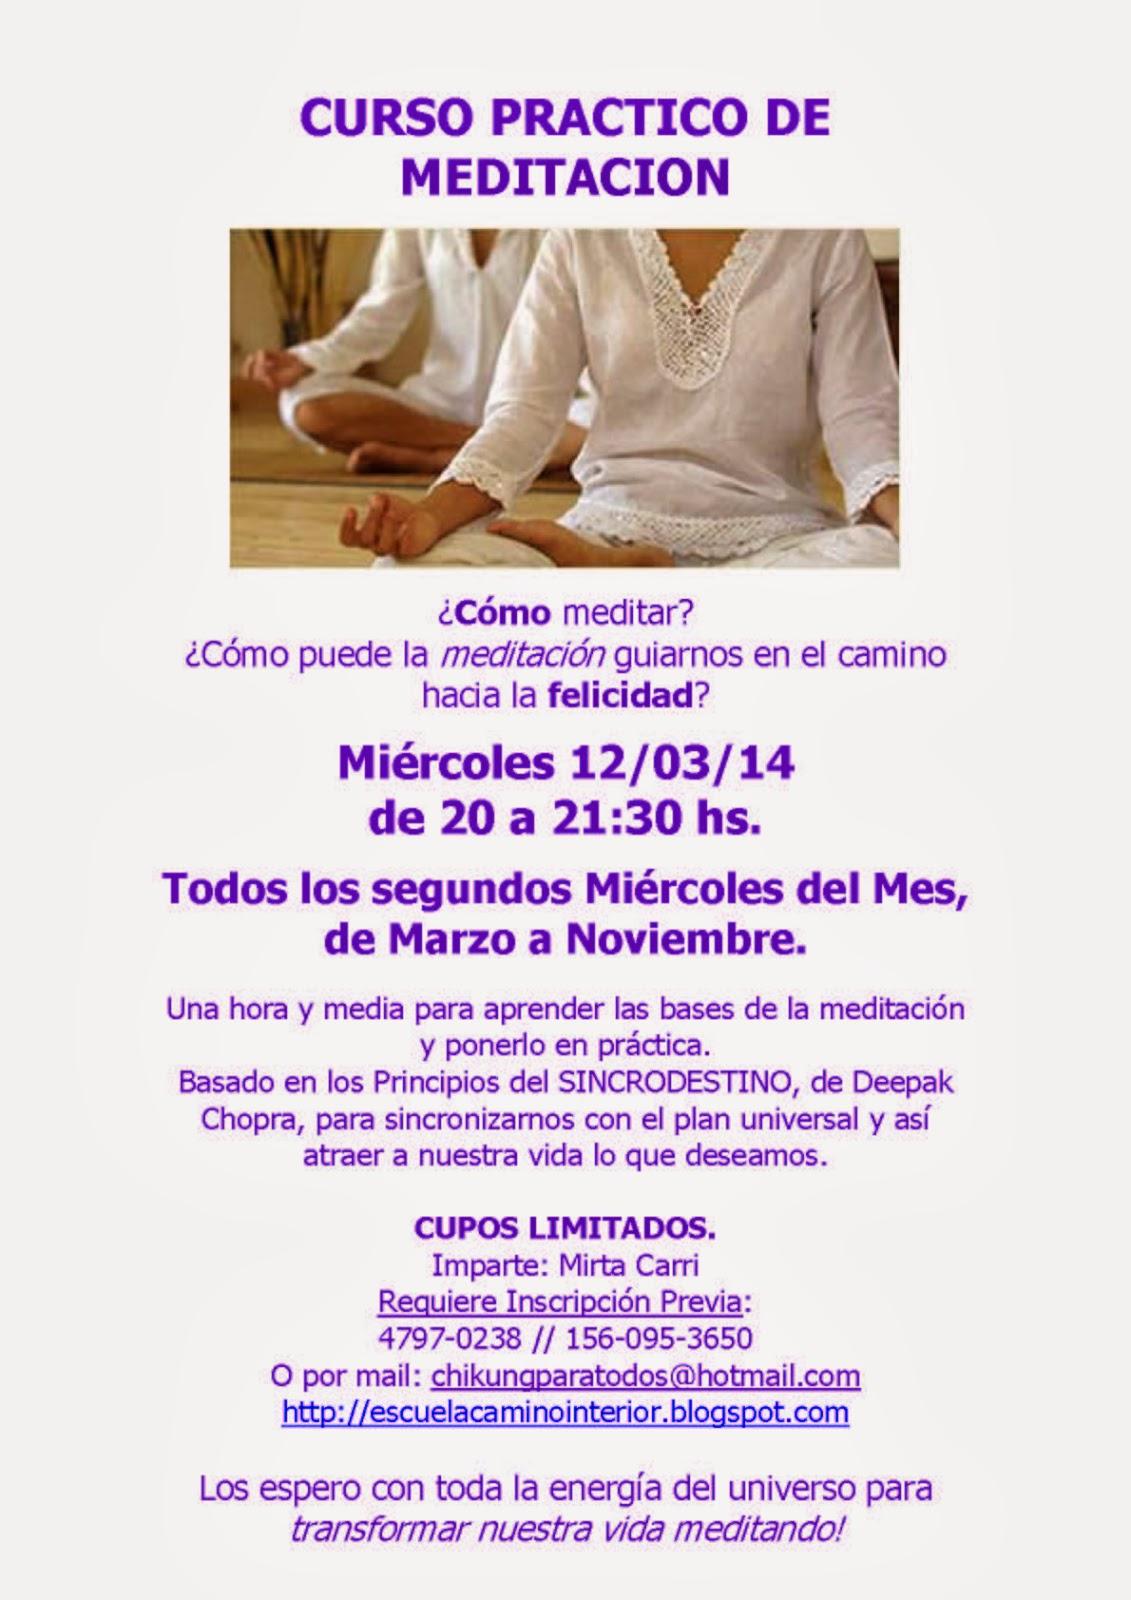 Curso Practico de Meditacion - Escuela Camino Interior